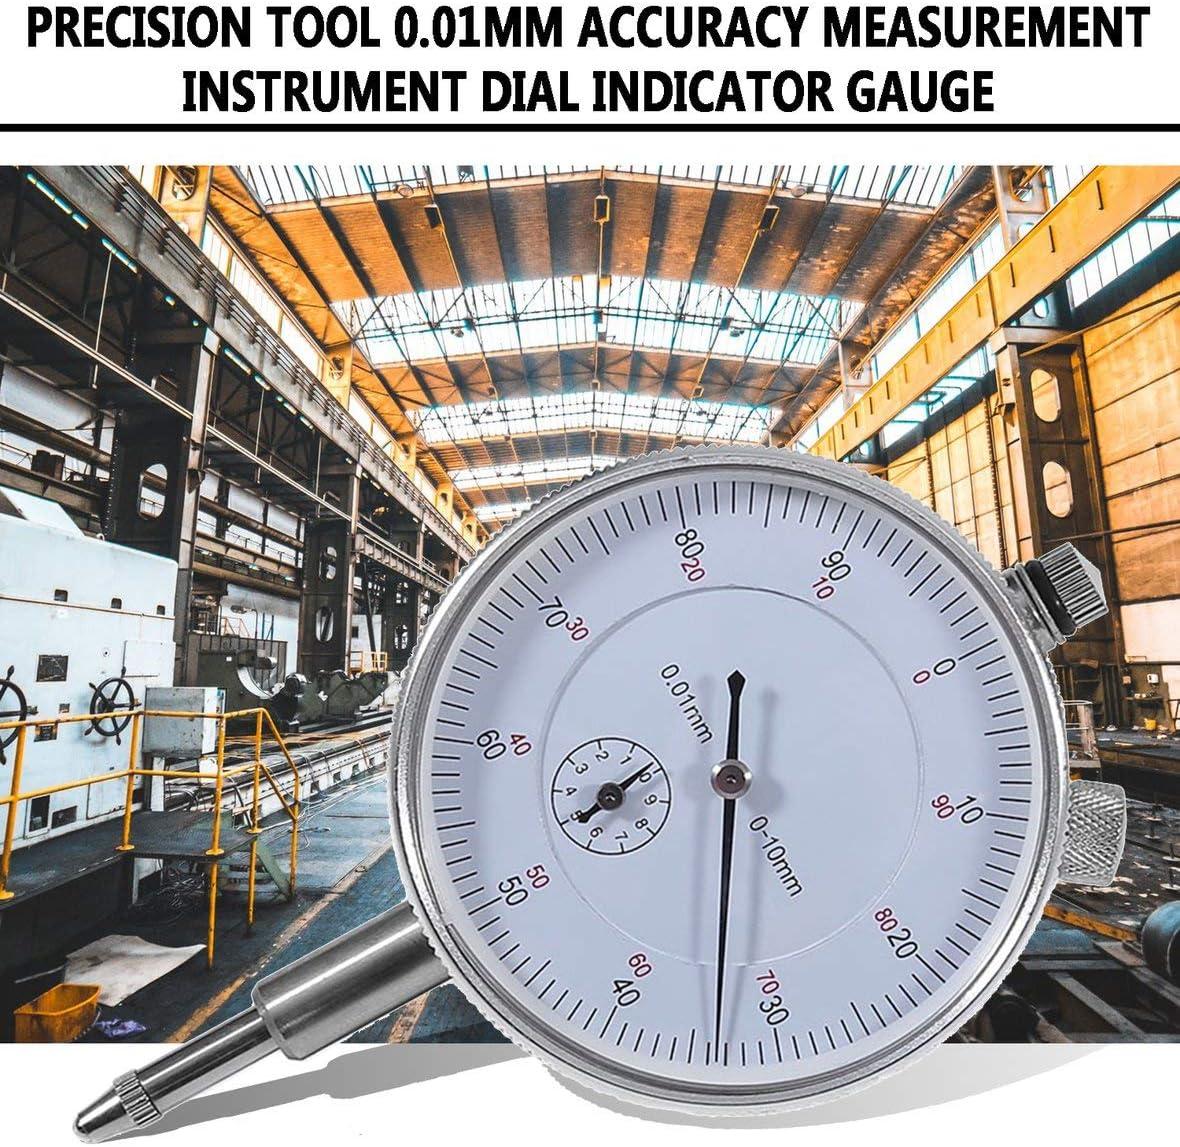 Monllack Professionelles Pr/äzisionswerkzeug 0,01 mm Messgenauigkeit Messger/ät Messuhr Stabile Leistung